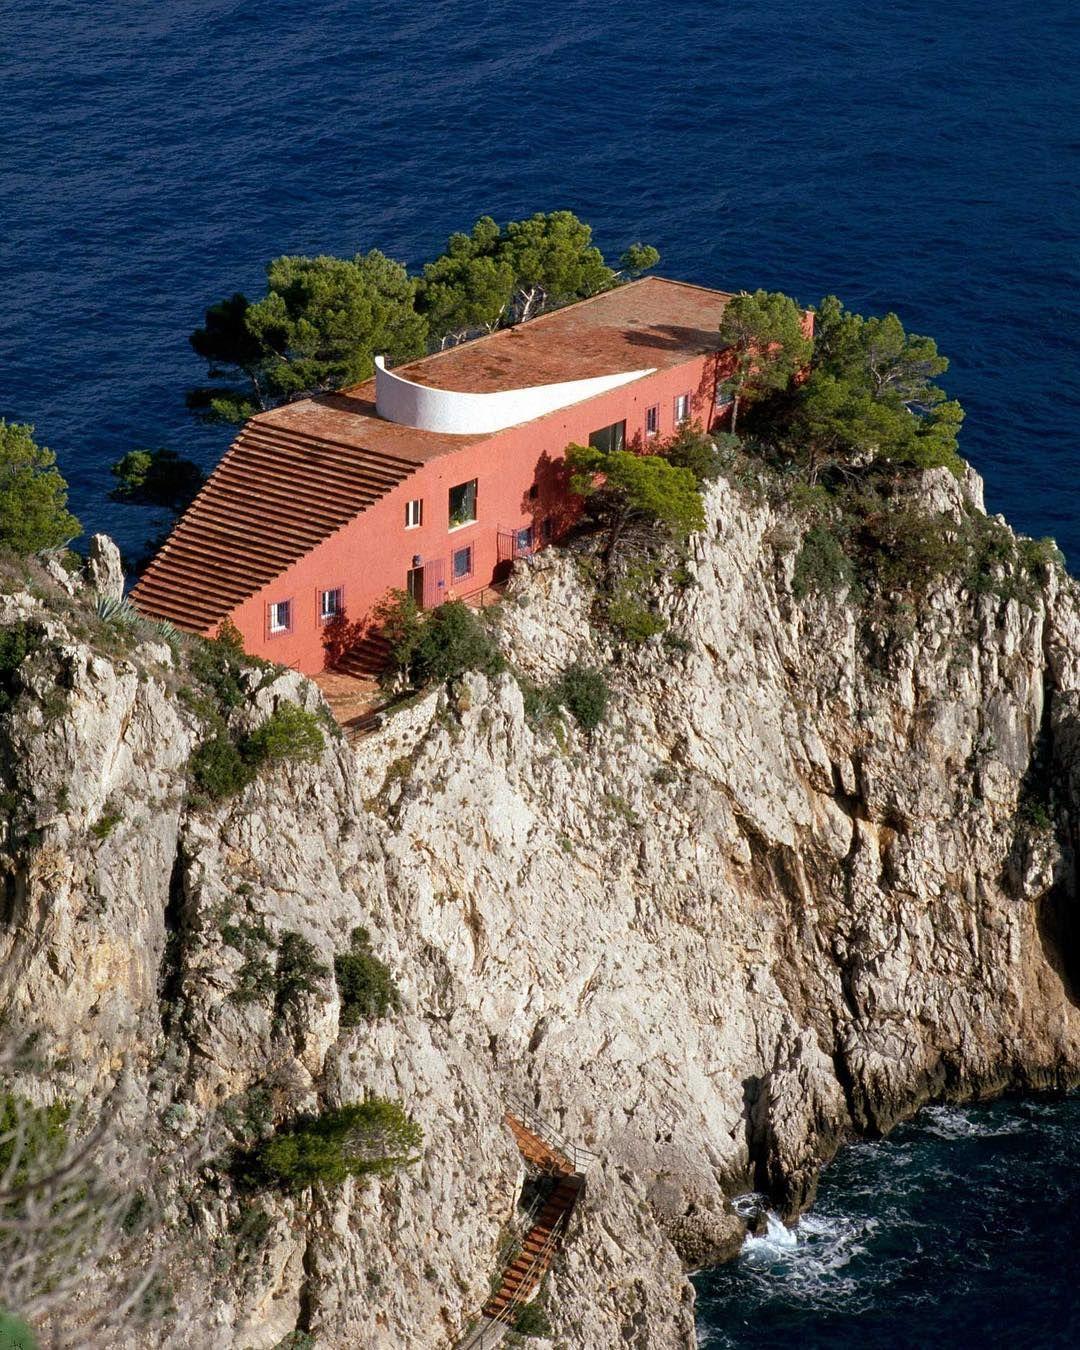 Villa malaparte by adalberto libera in capri italy for Case contemporanee